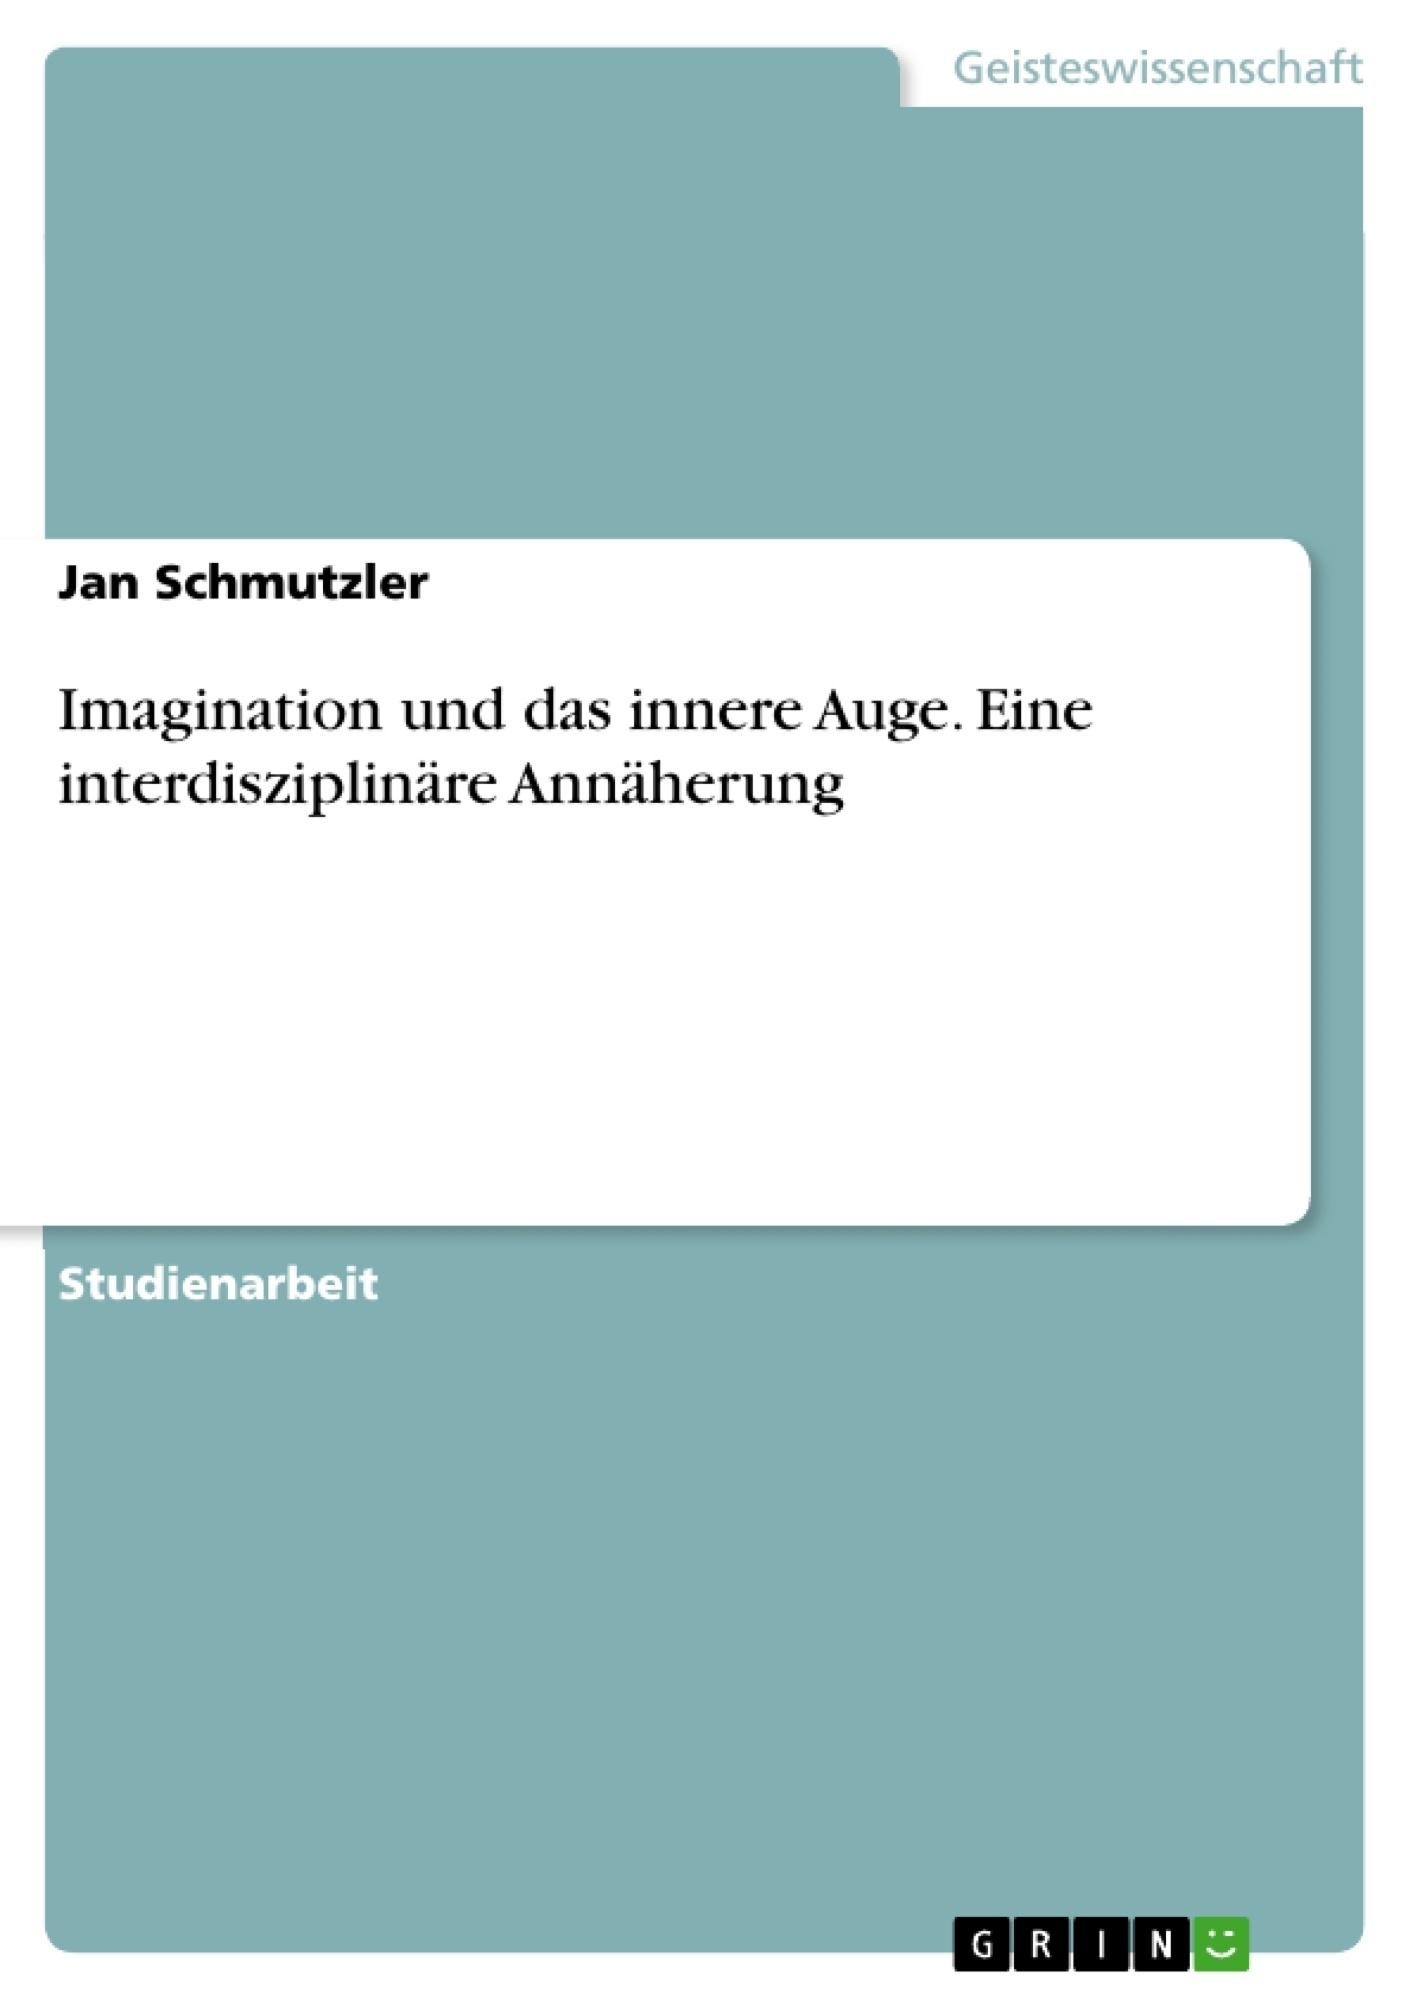 Titel: Imagination und das innere Auge. Eine interdisziplinäre Annäherung